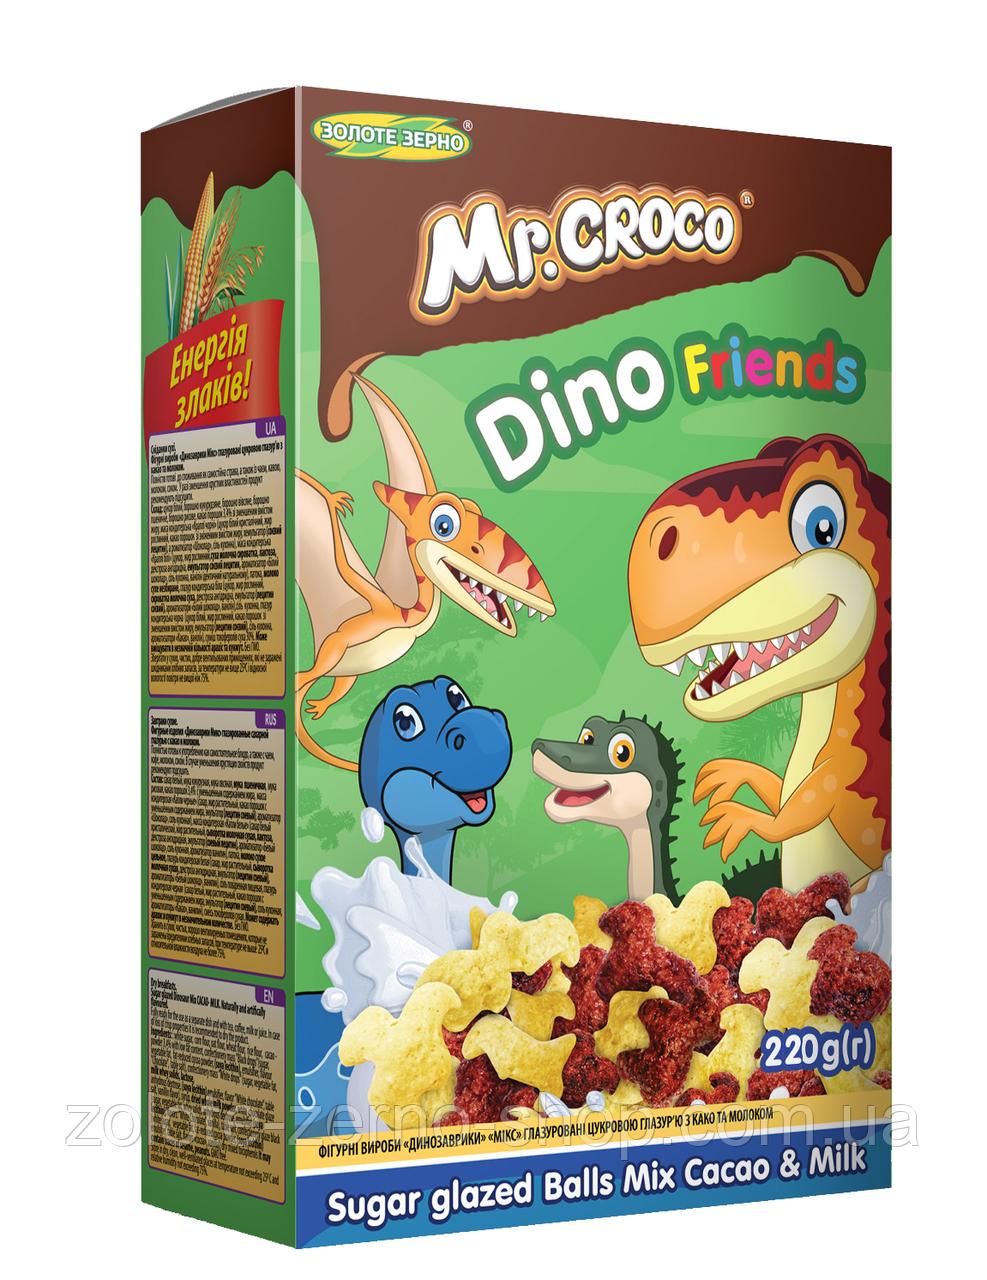 Фігурні вироби «Динозаврики мікс» глазуровані цукровою глазур'ю з какао та молоком 220 г